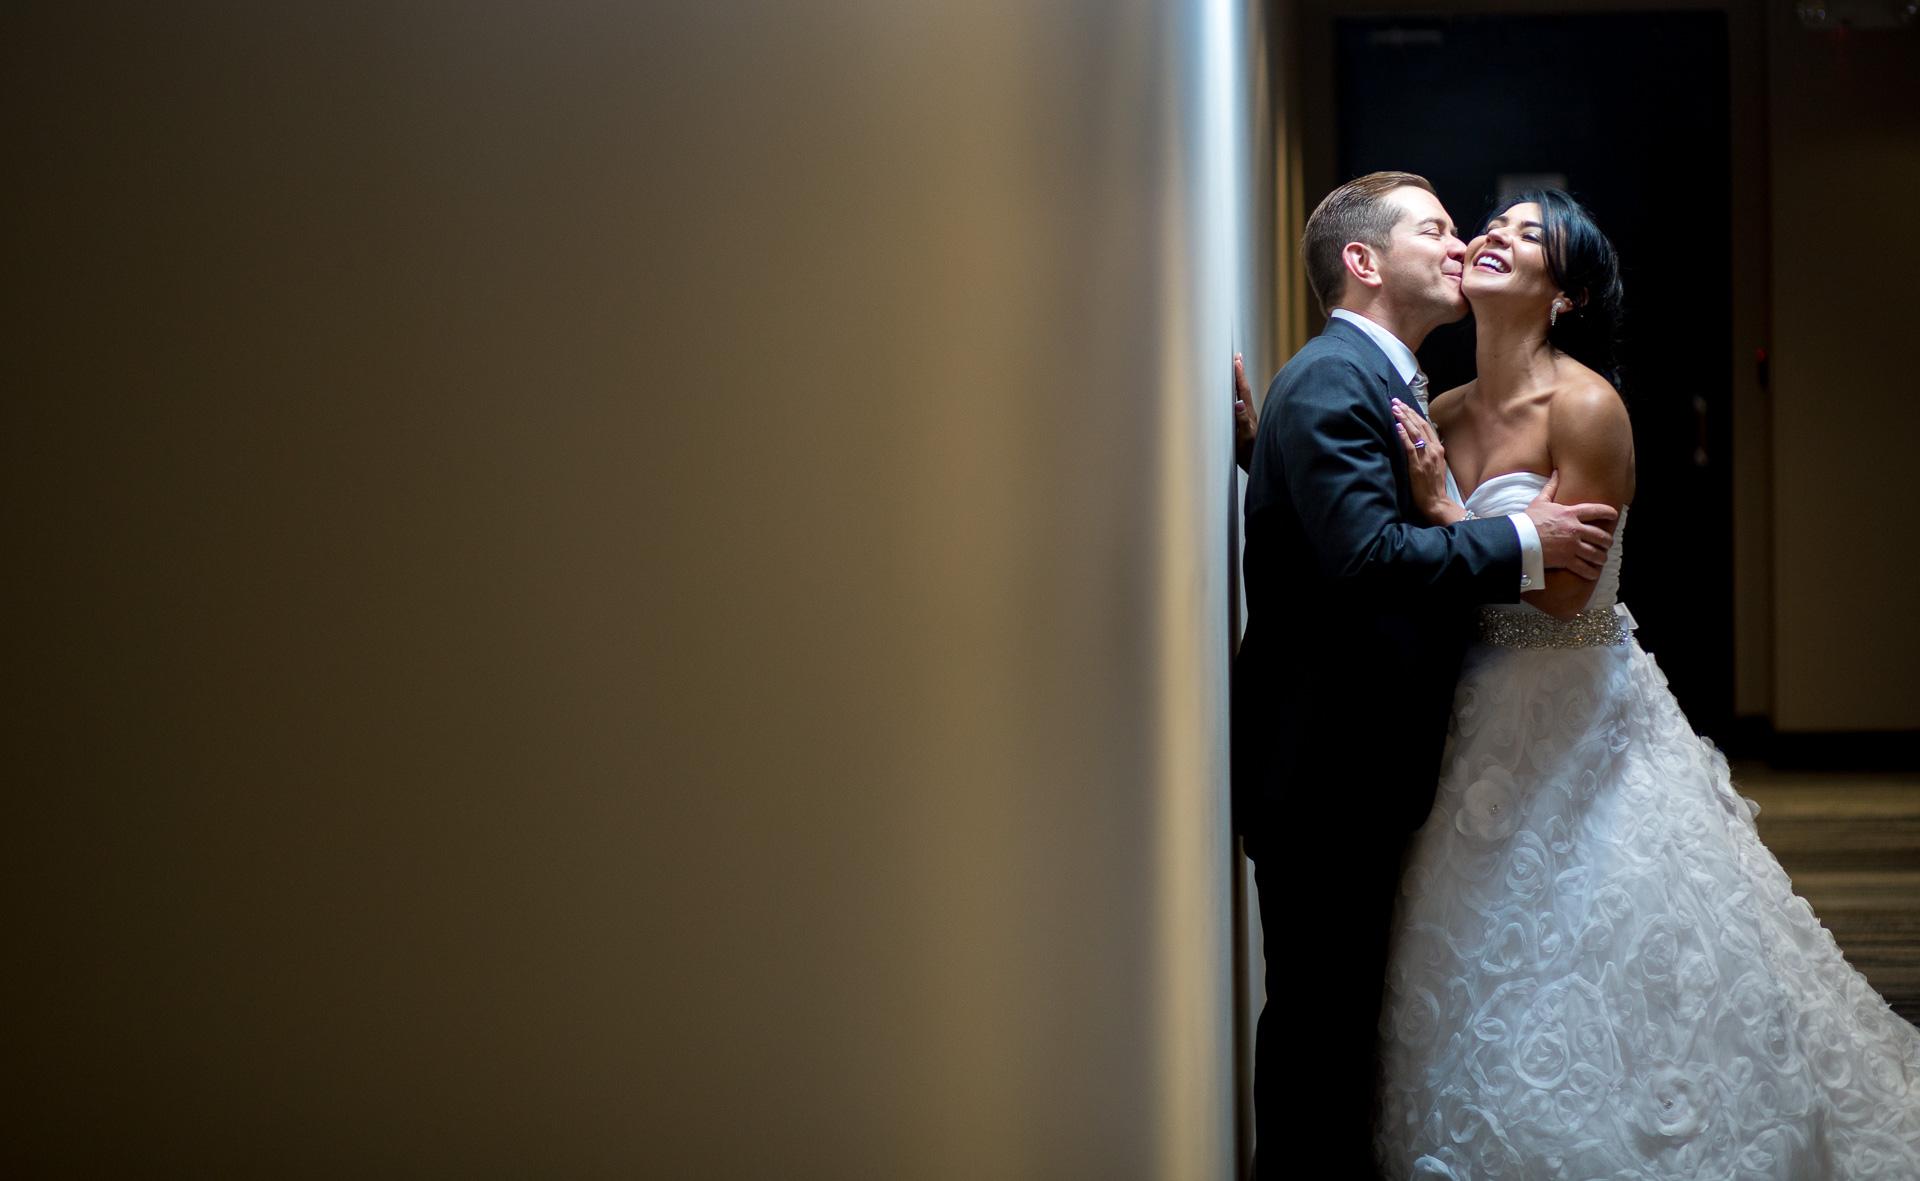 Fotógrafos-de-bodas-en-Colombia-Andrea-y-Antonio-41 ANDREA + ANTONIO